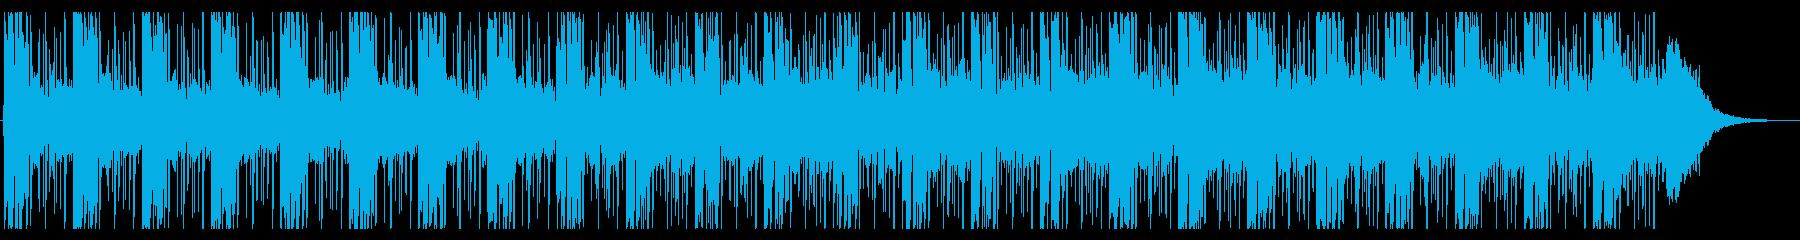 幻想的で怪しい雰囲気のエレクトロニカの再生済みの波形